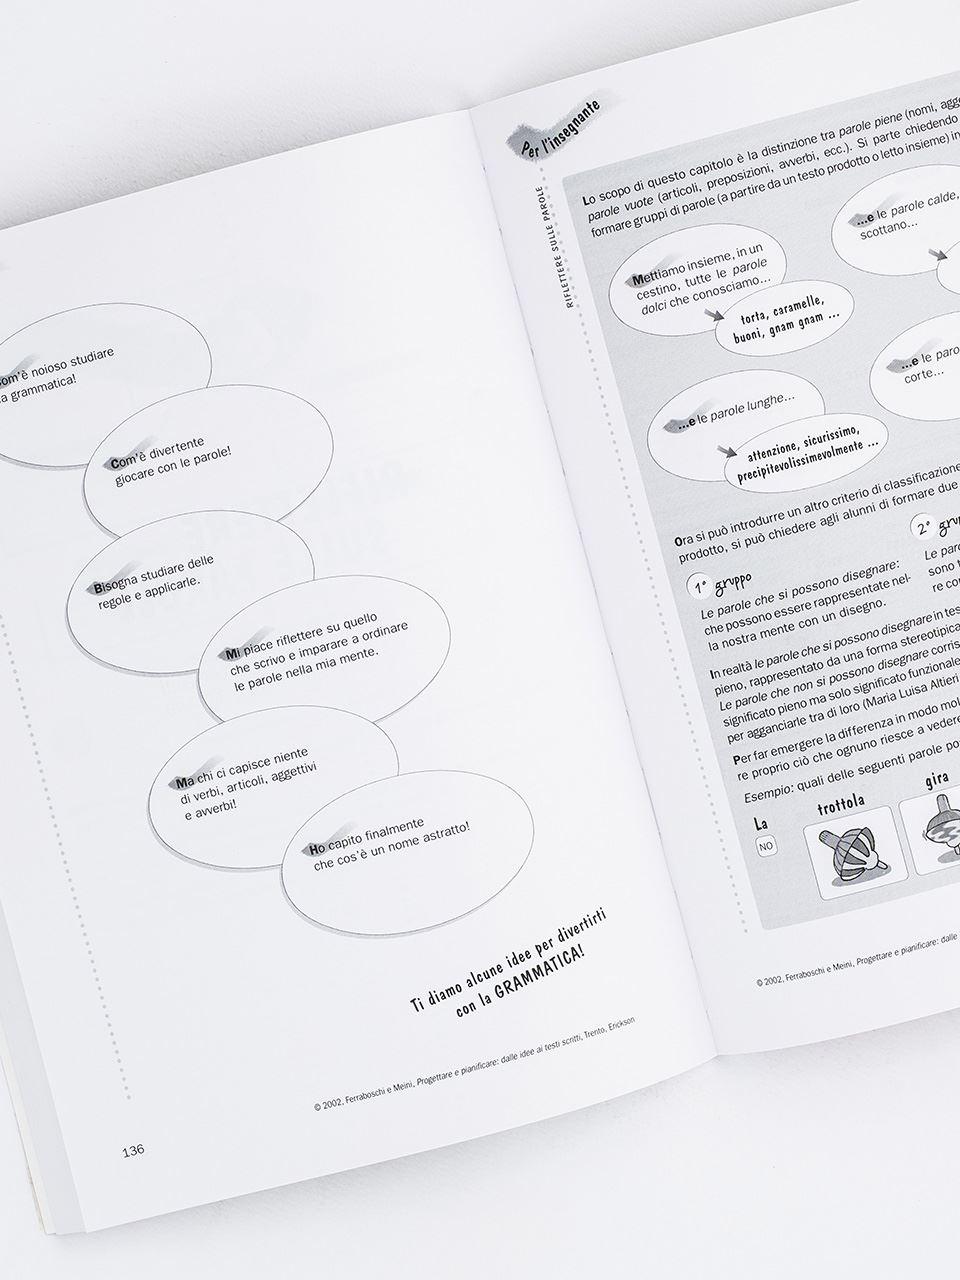 Progettare e pianificare: dalle idee ai testi scri - Libri - Erickson 2